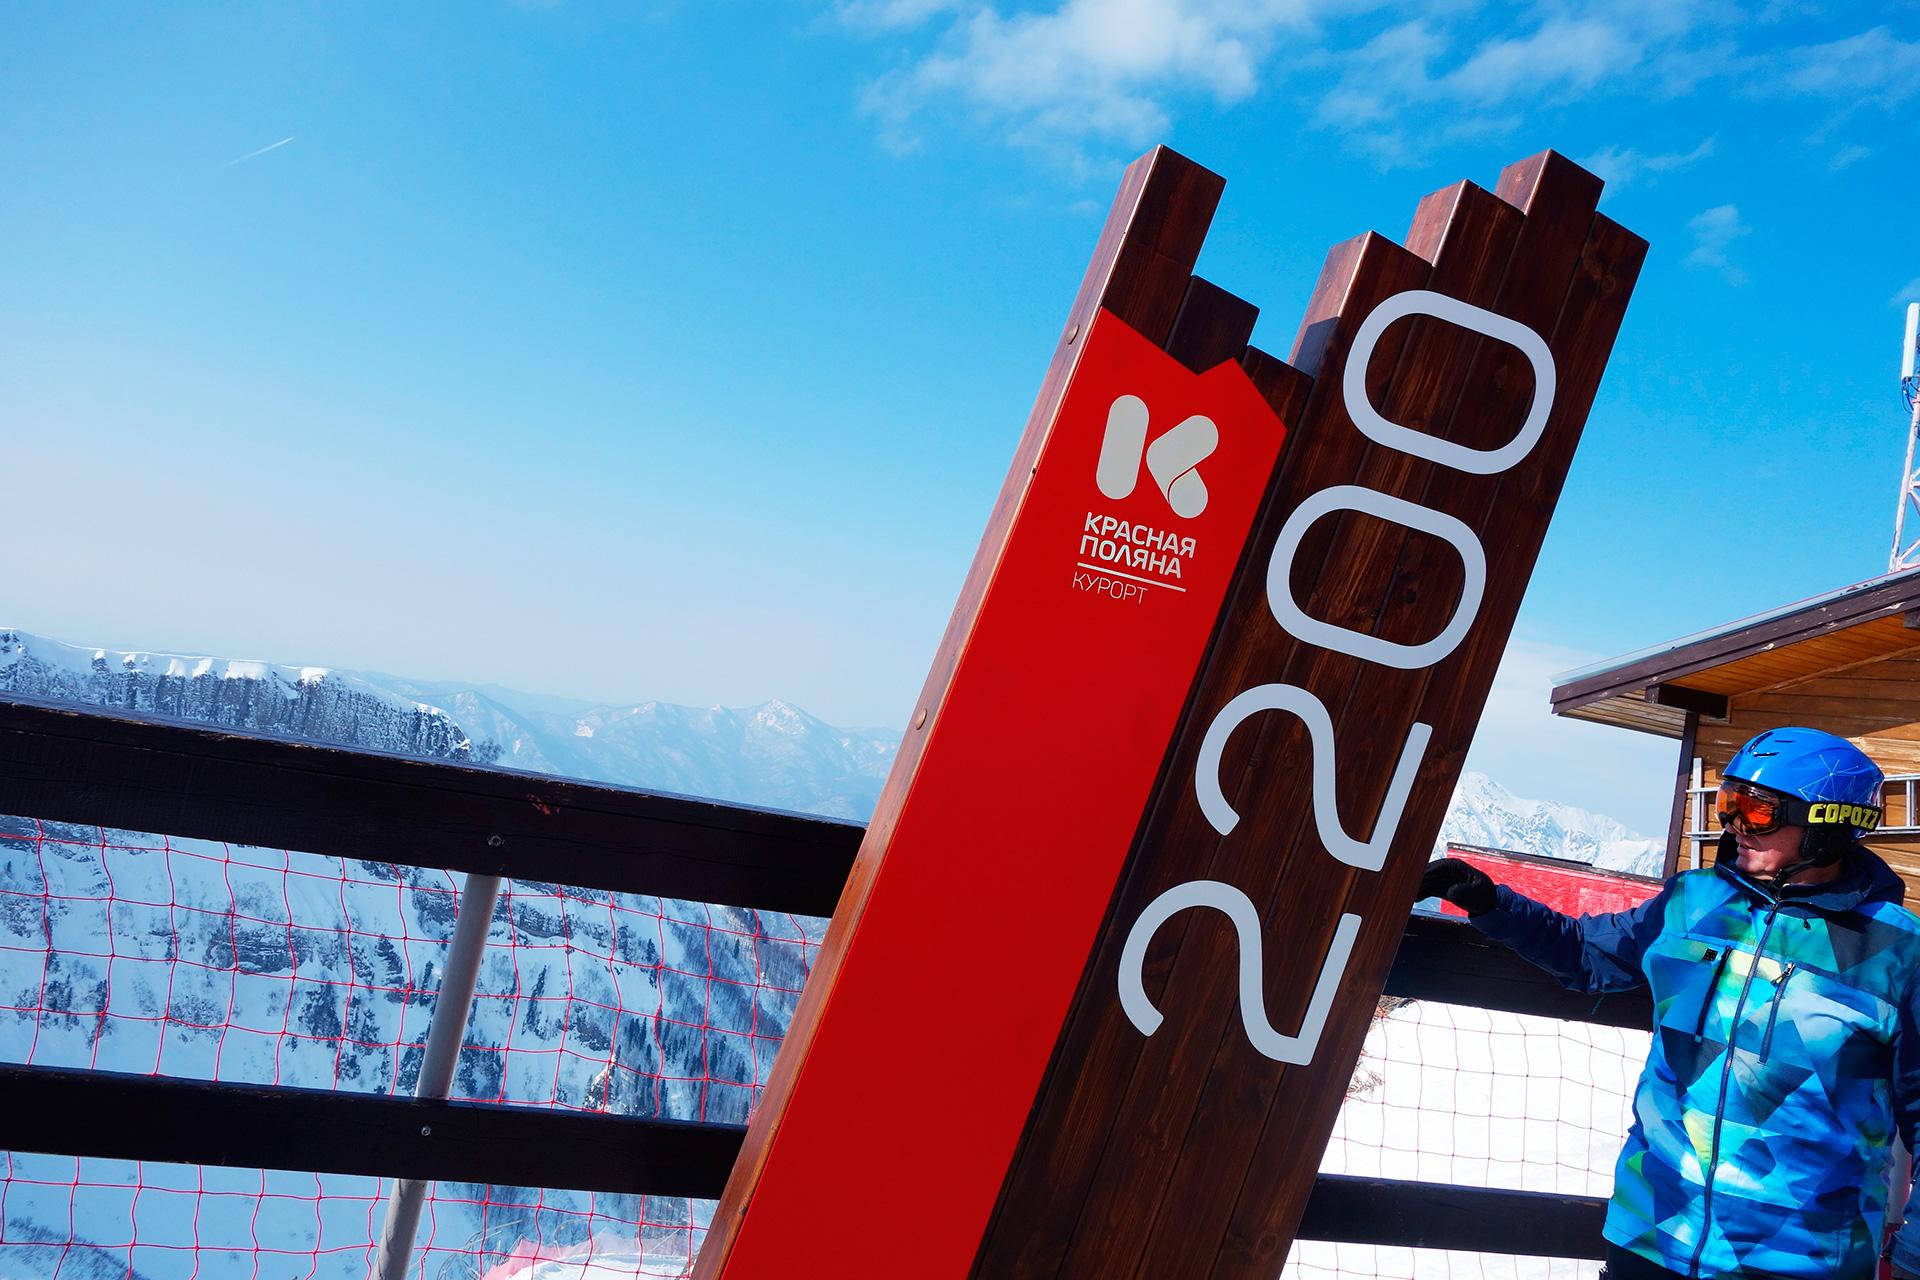 Asgard Branding, Красная Поляна курорт, горы, стела высот, система навигации на курорте, 2200, дизайн арт-объектов